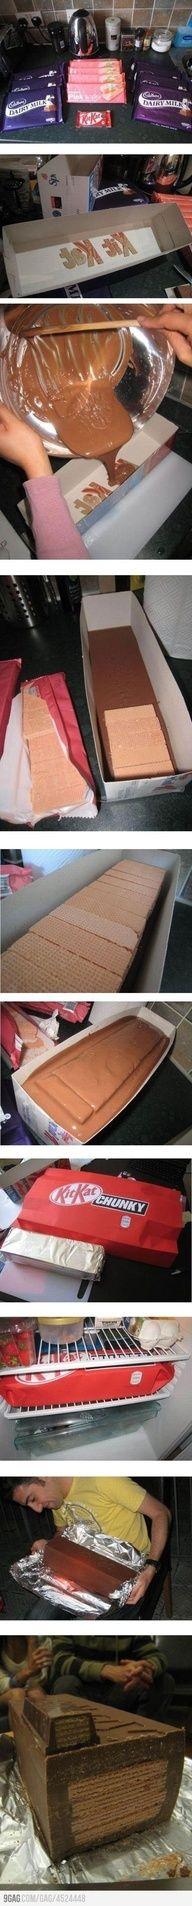 Giant Kit-Kat - Sinterklaas surprise idee!